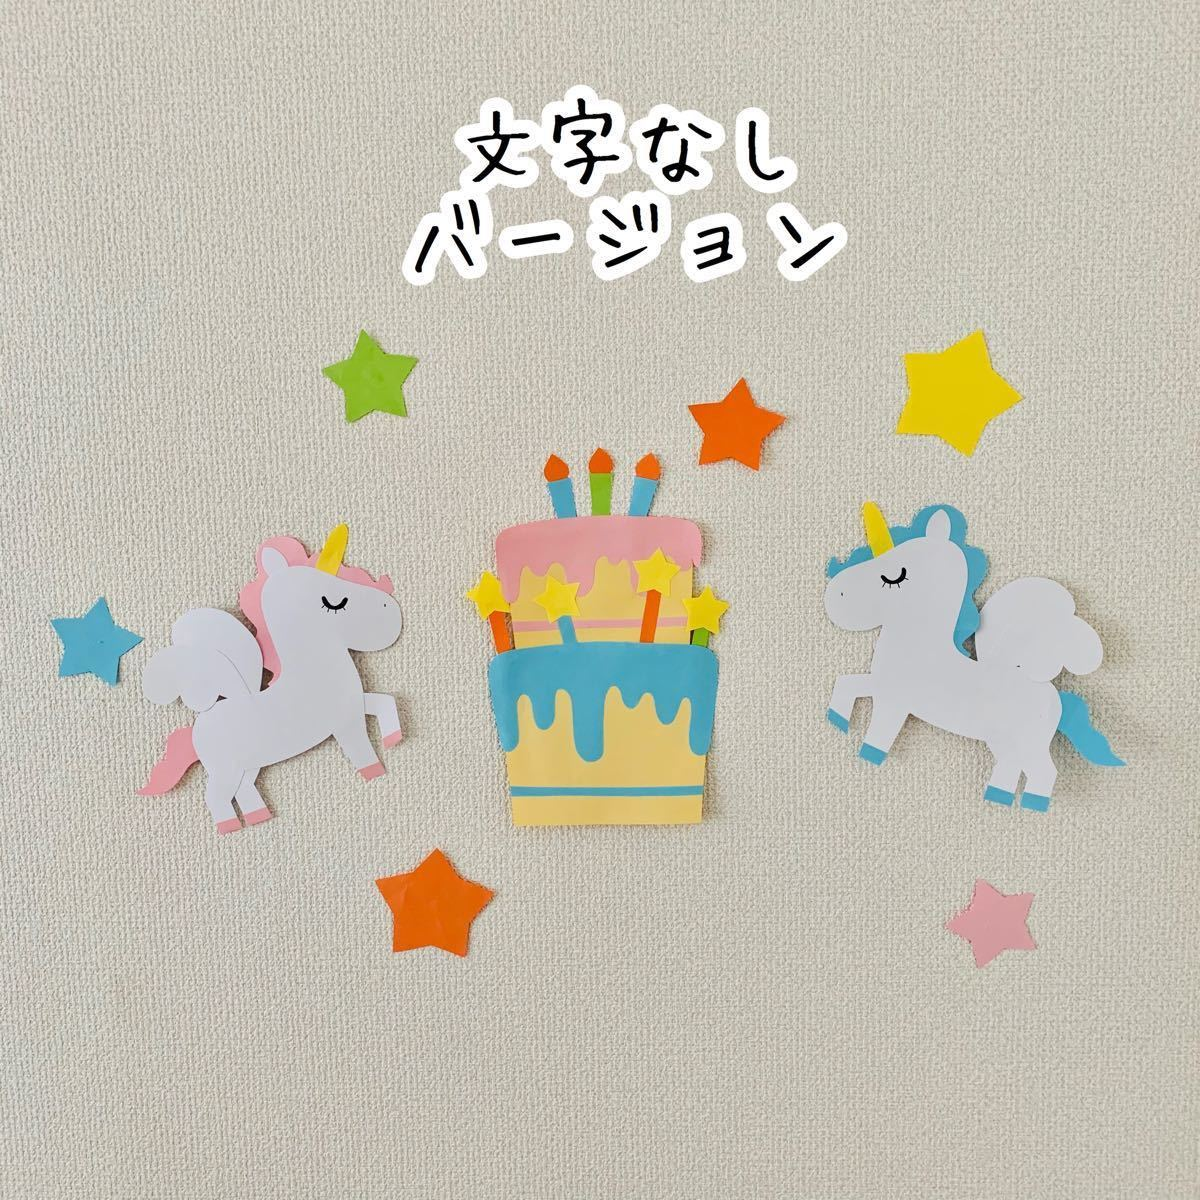 壁面 飾り ユニコーン ゆめかわ 誕生日 バースデー